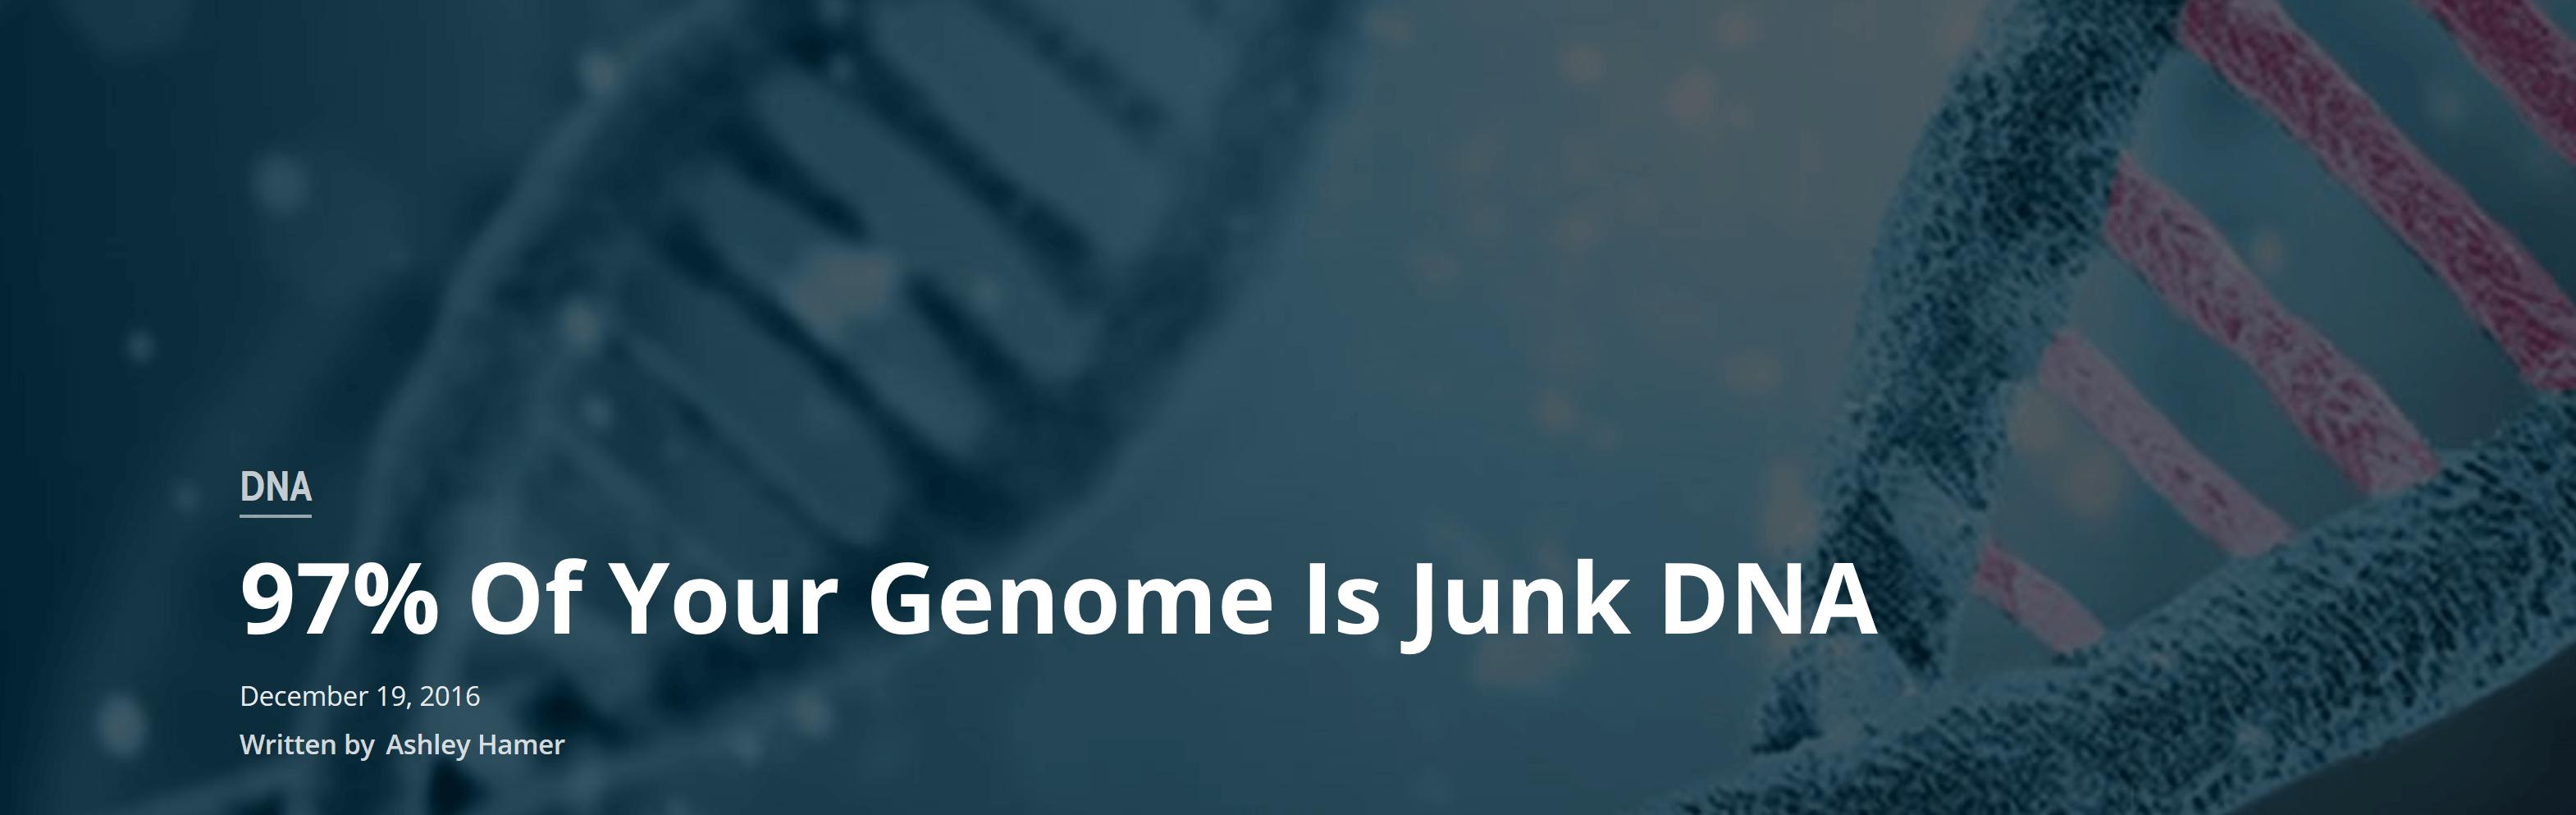 97% מהגנום שלך זה DNA זבל